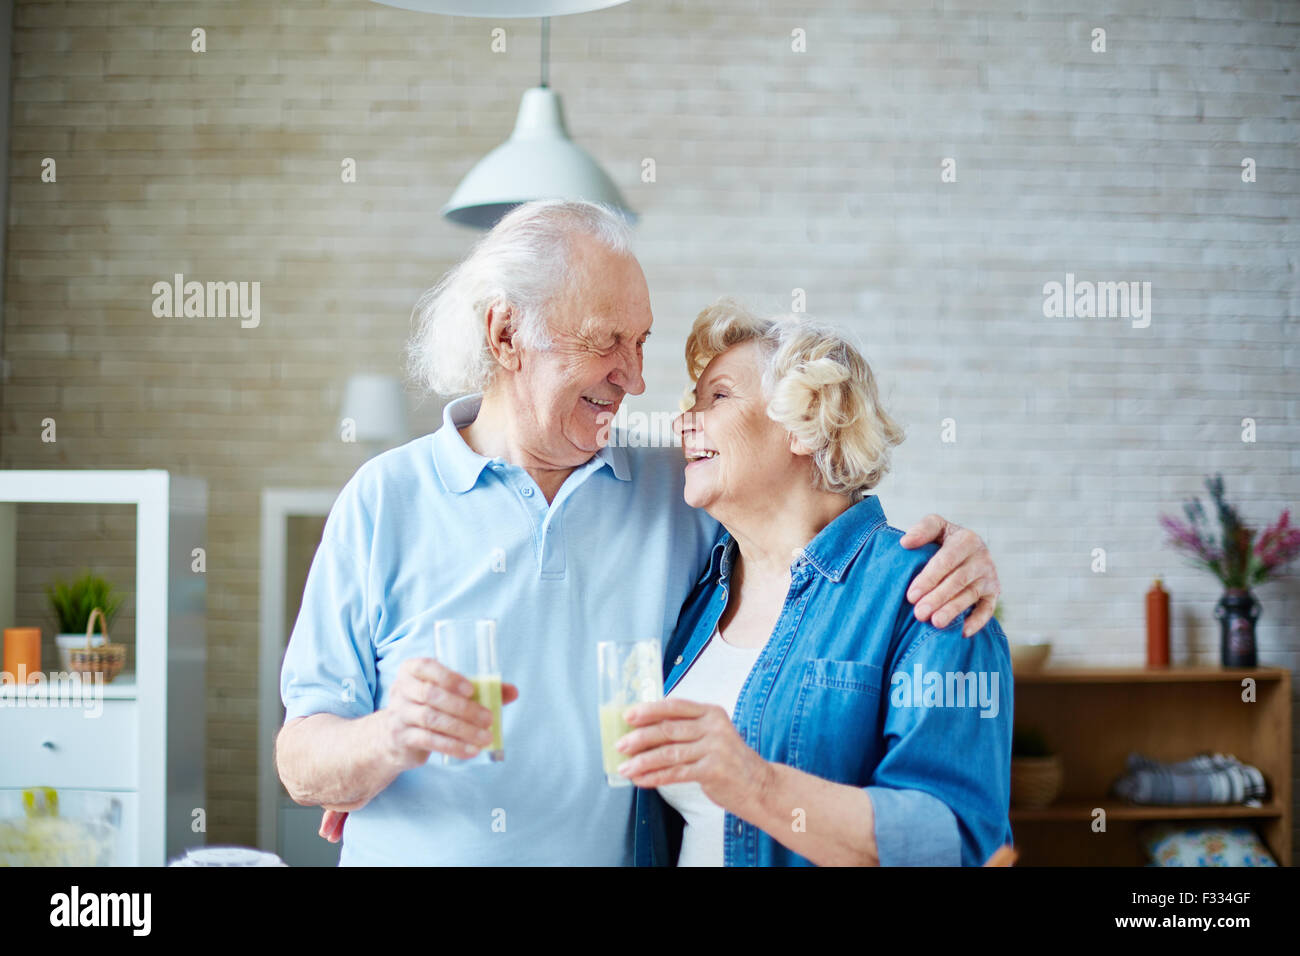 El esposo y la esposa Senior celebración gafas con saludable fruta bebida caseras y mirando el uno al otro Imagen De Stock